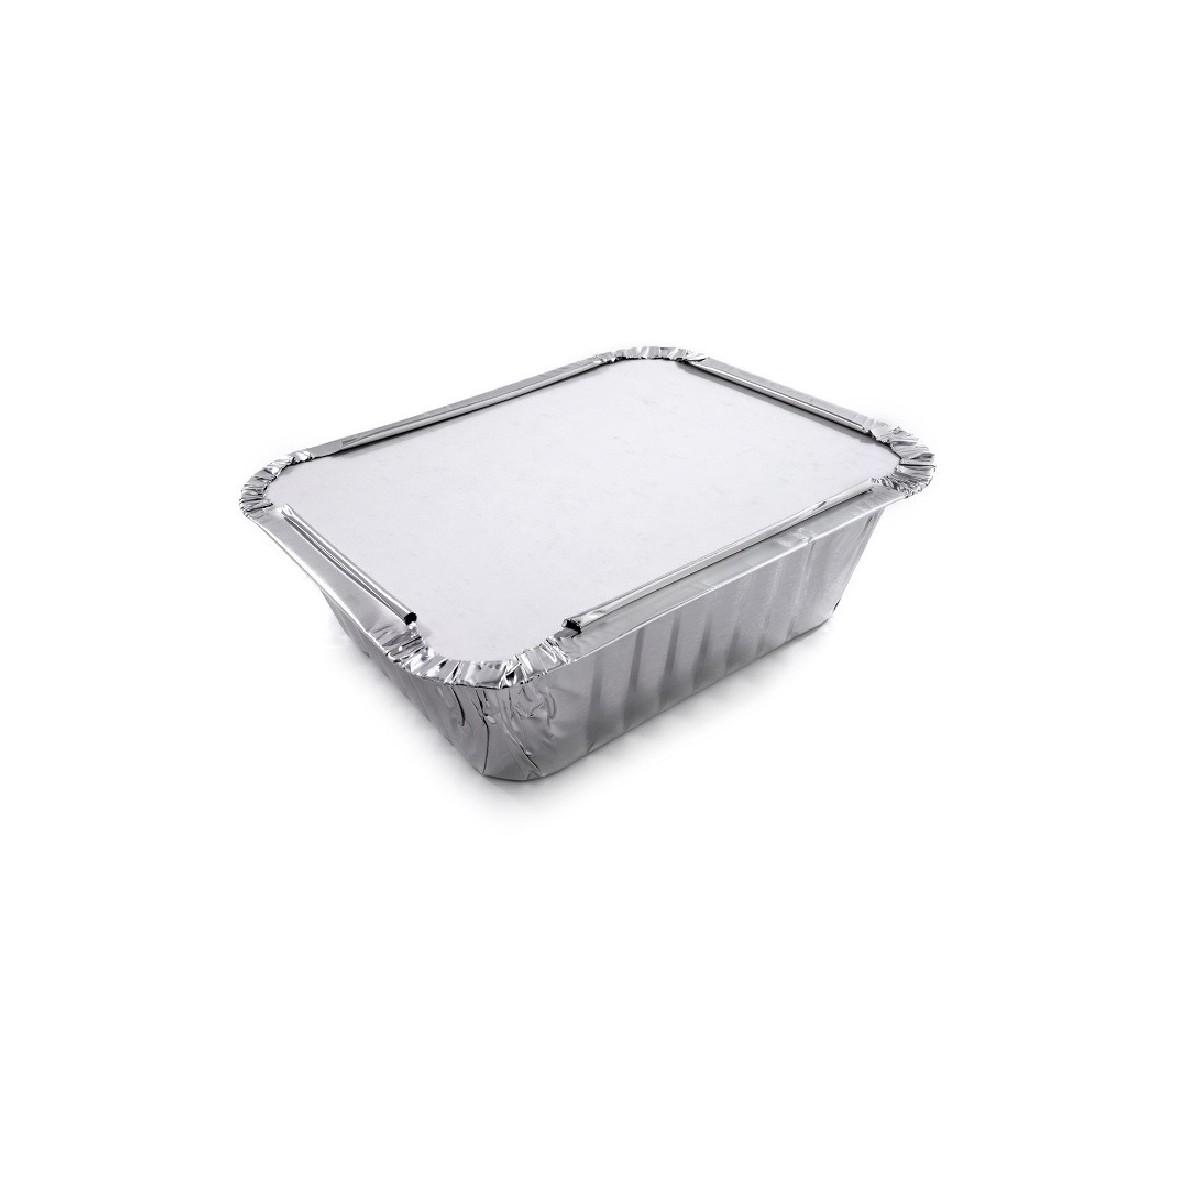 Coperchi per Vaschette in Alluminio